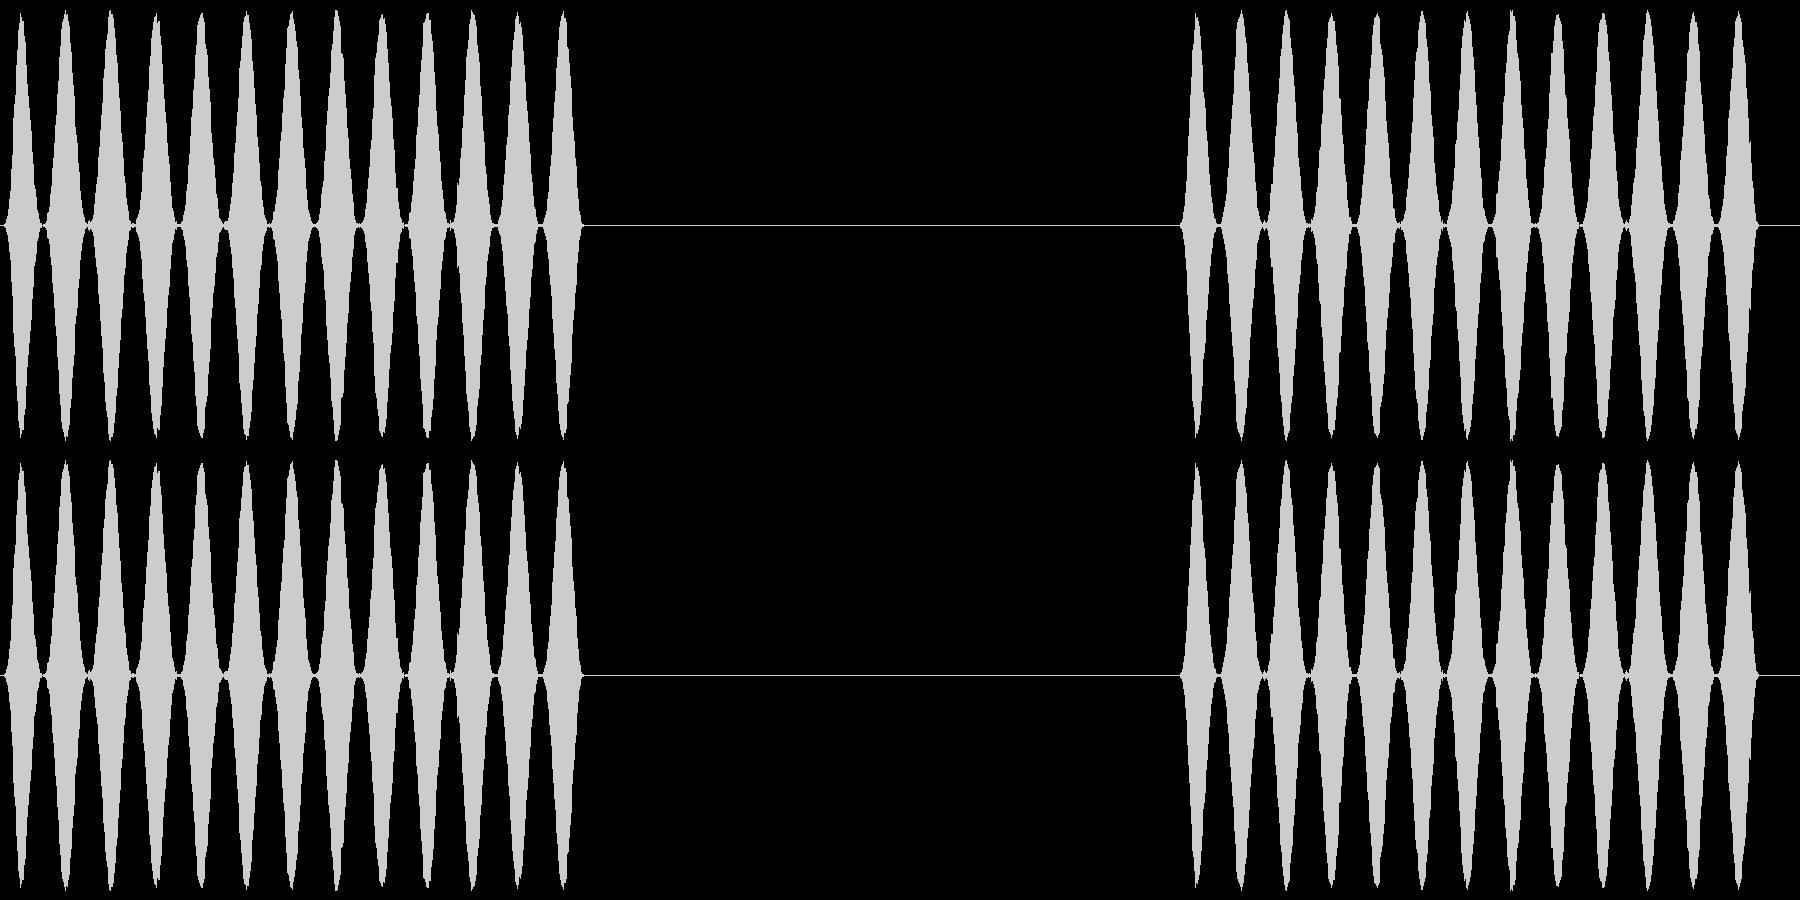 電話 呼び出し音 プルルルル×2 客観風の未再生の波形